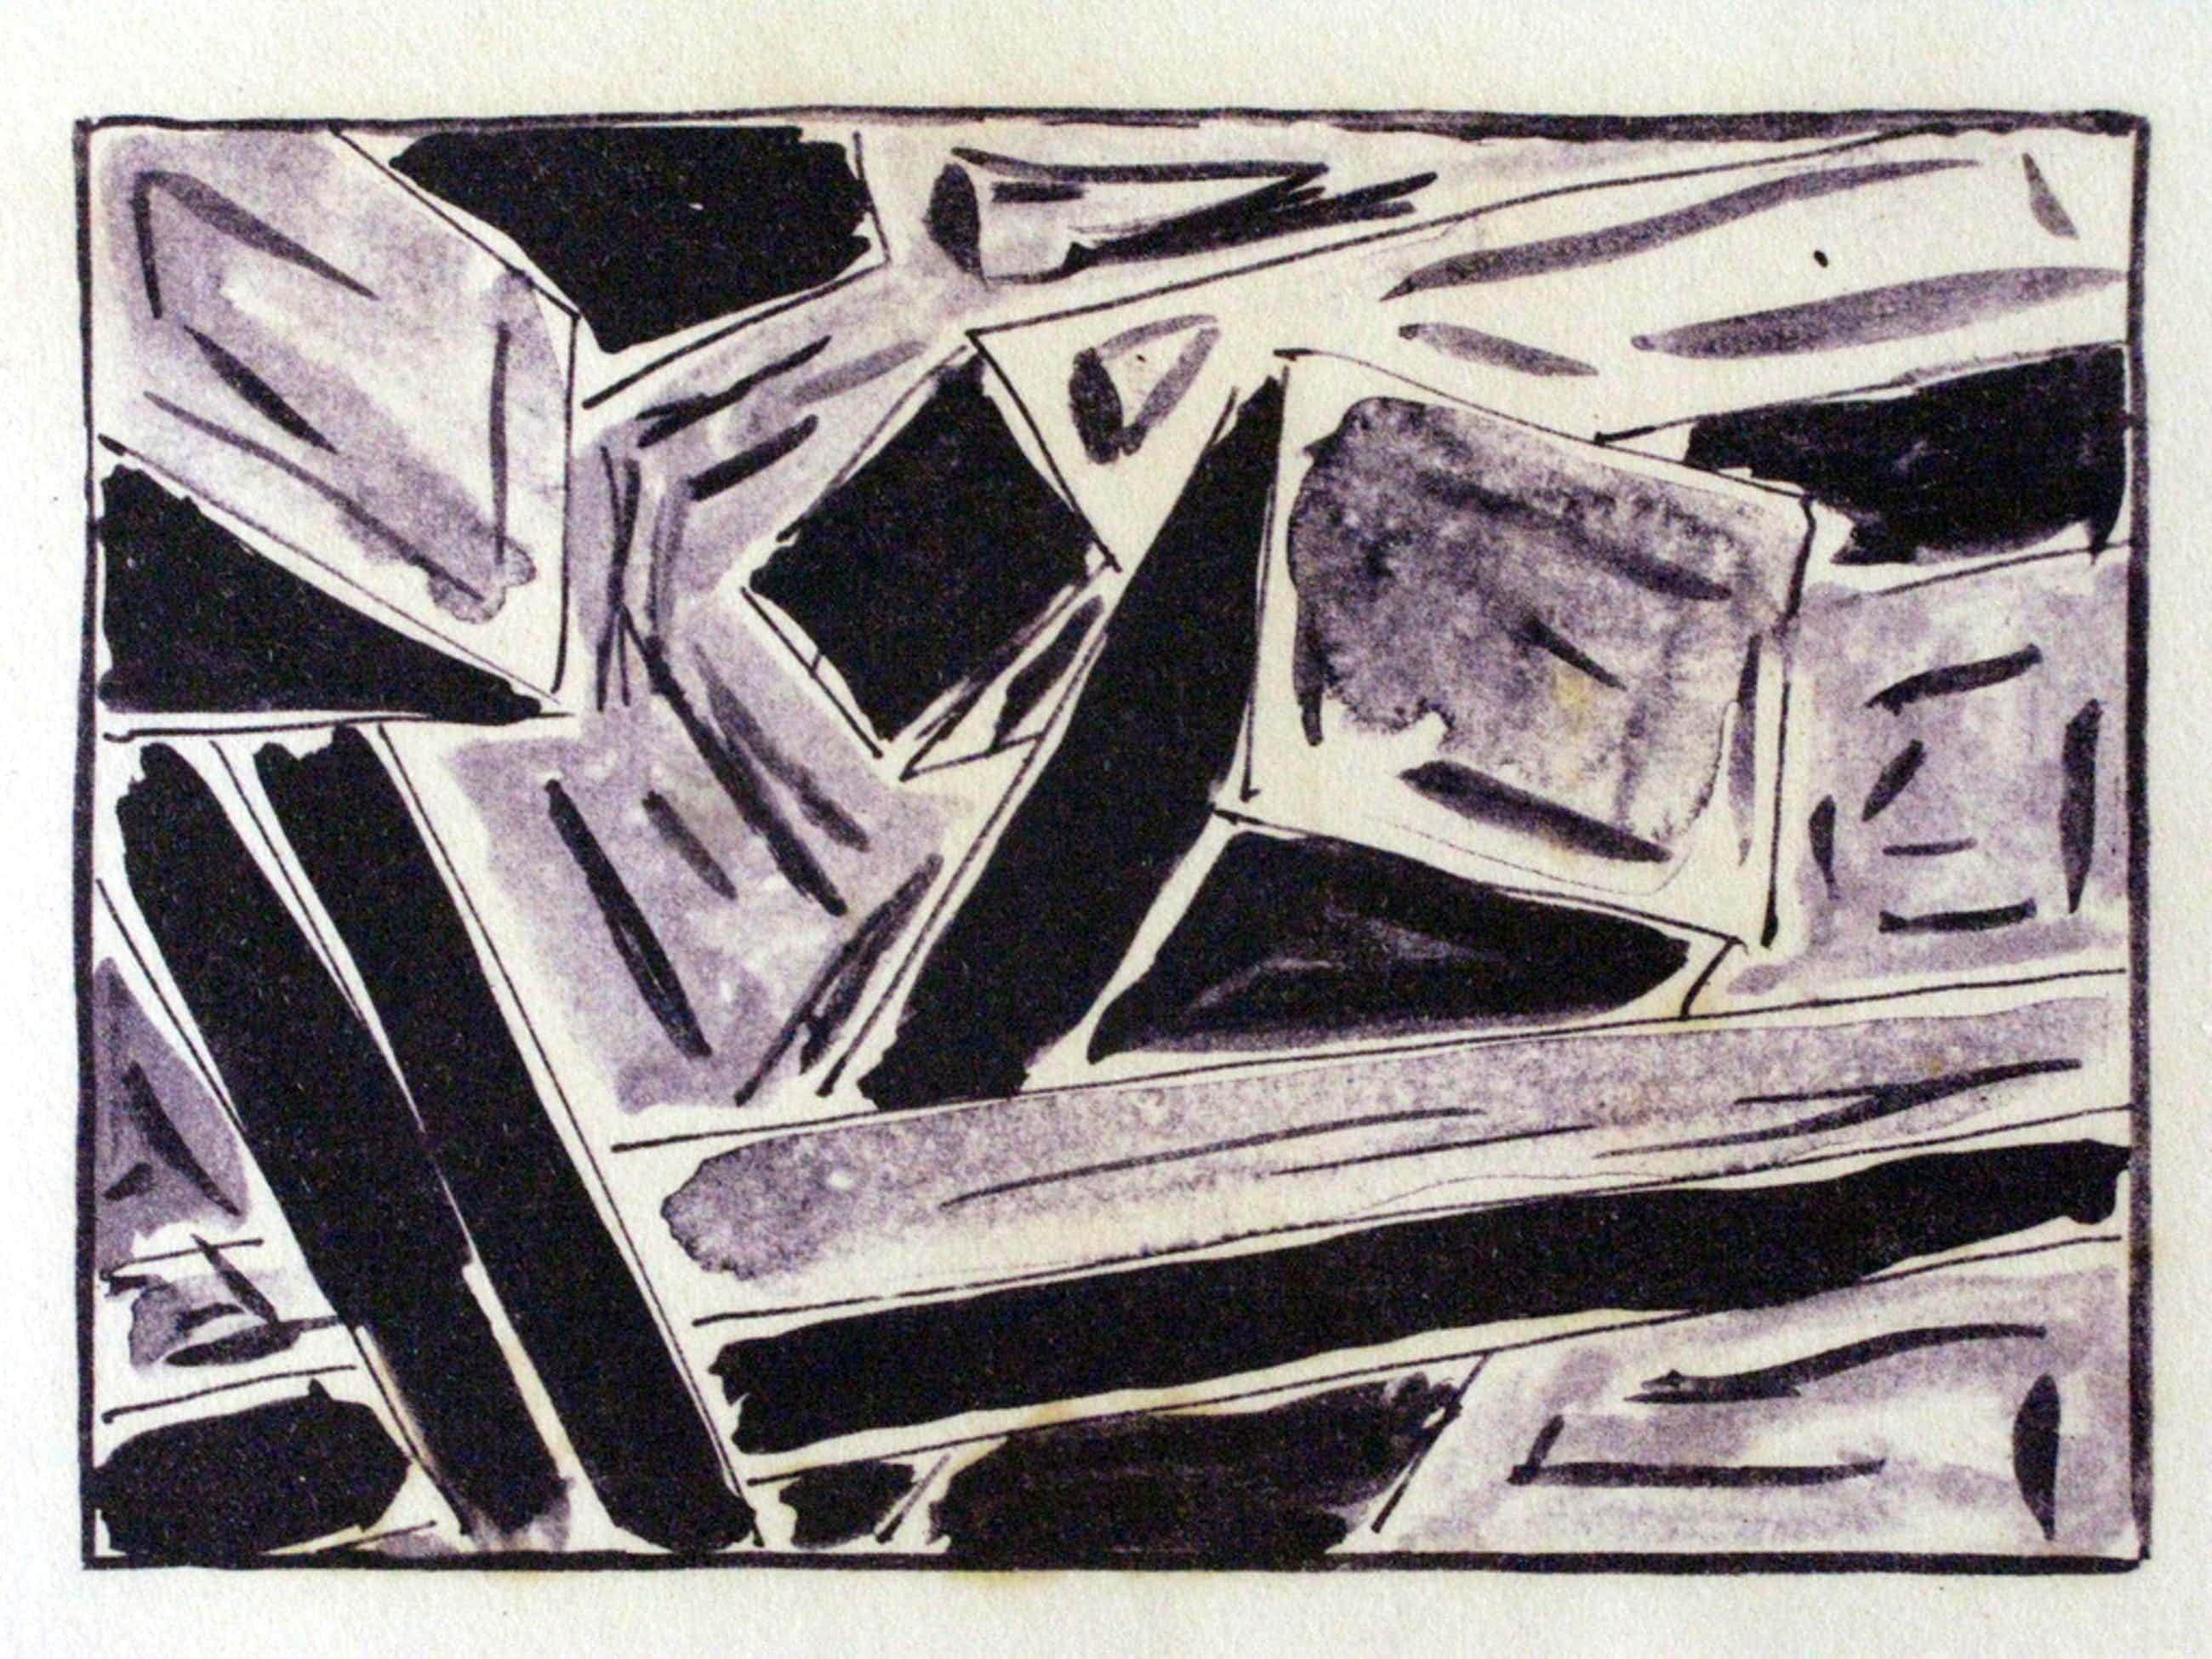 CHRIS DE BUEGER (1948)- abstract werk (1979) in kleine oplage, nr. 4 van 10 - incl  zuurvrij passepartout  kopen? Bied vanaf 35!